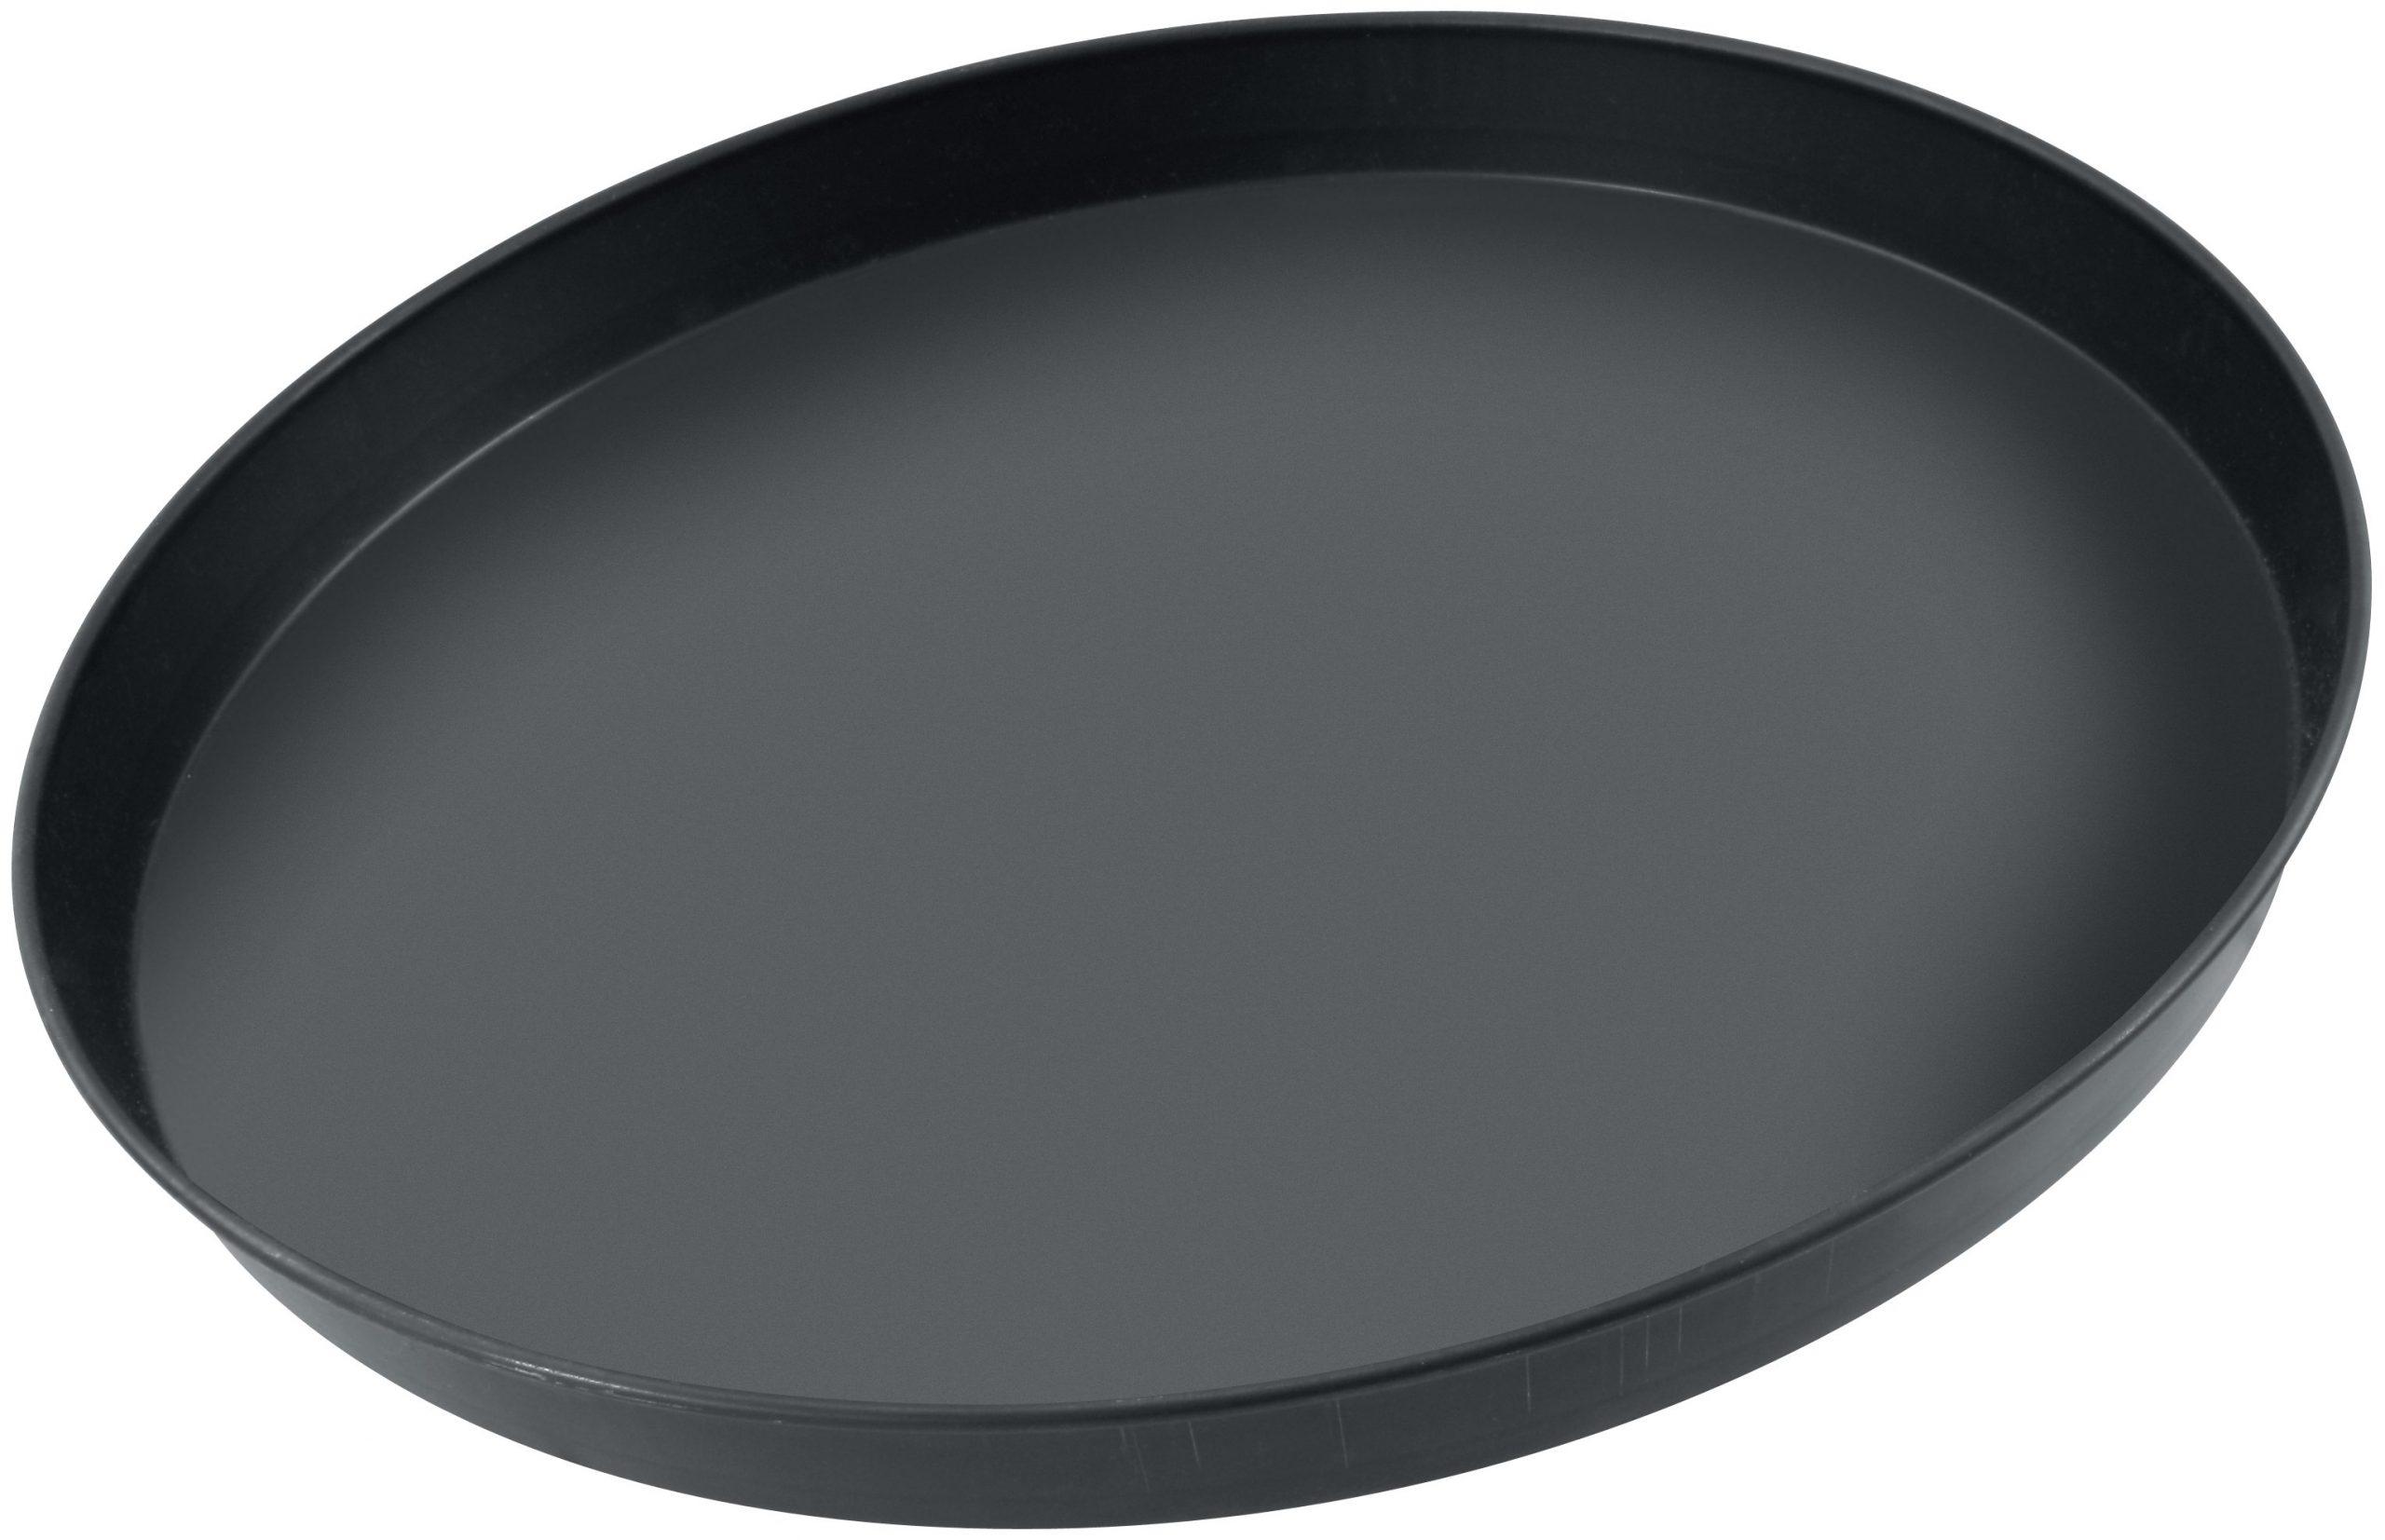 PizzaBlaublech Ø26cm hoch lose VE10